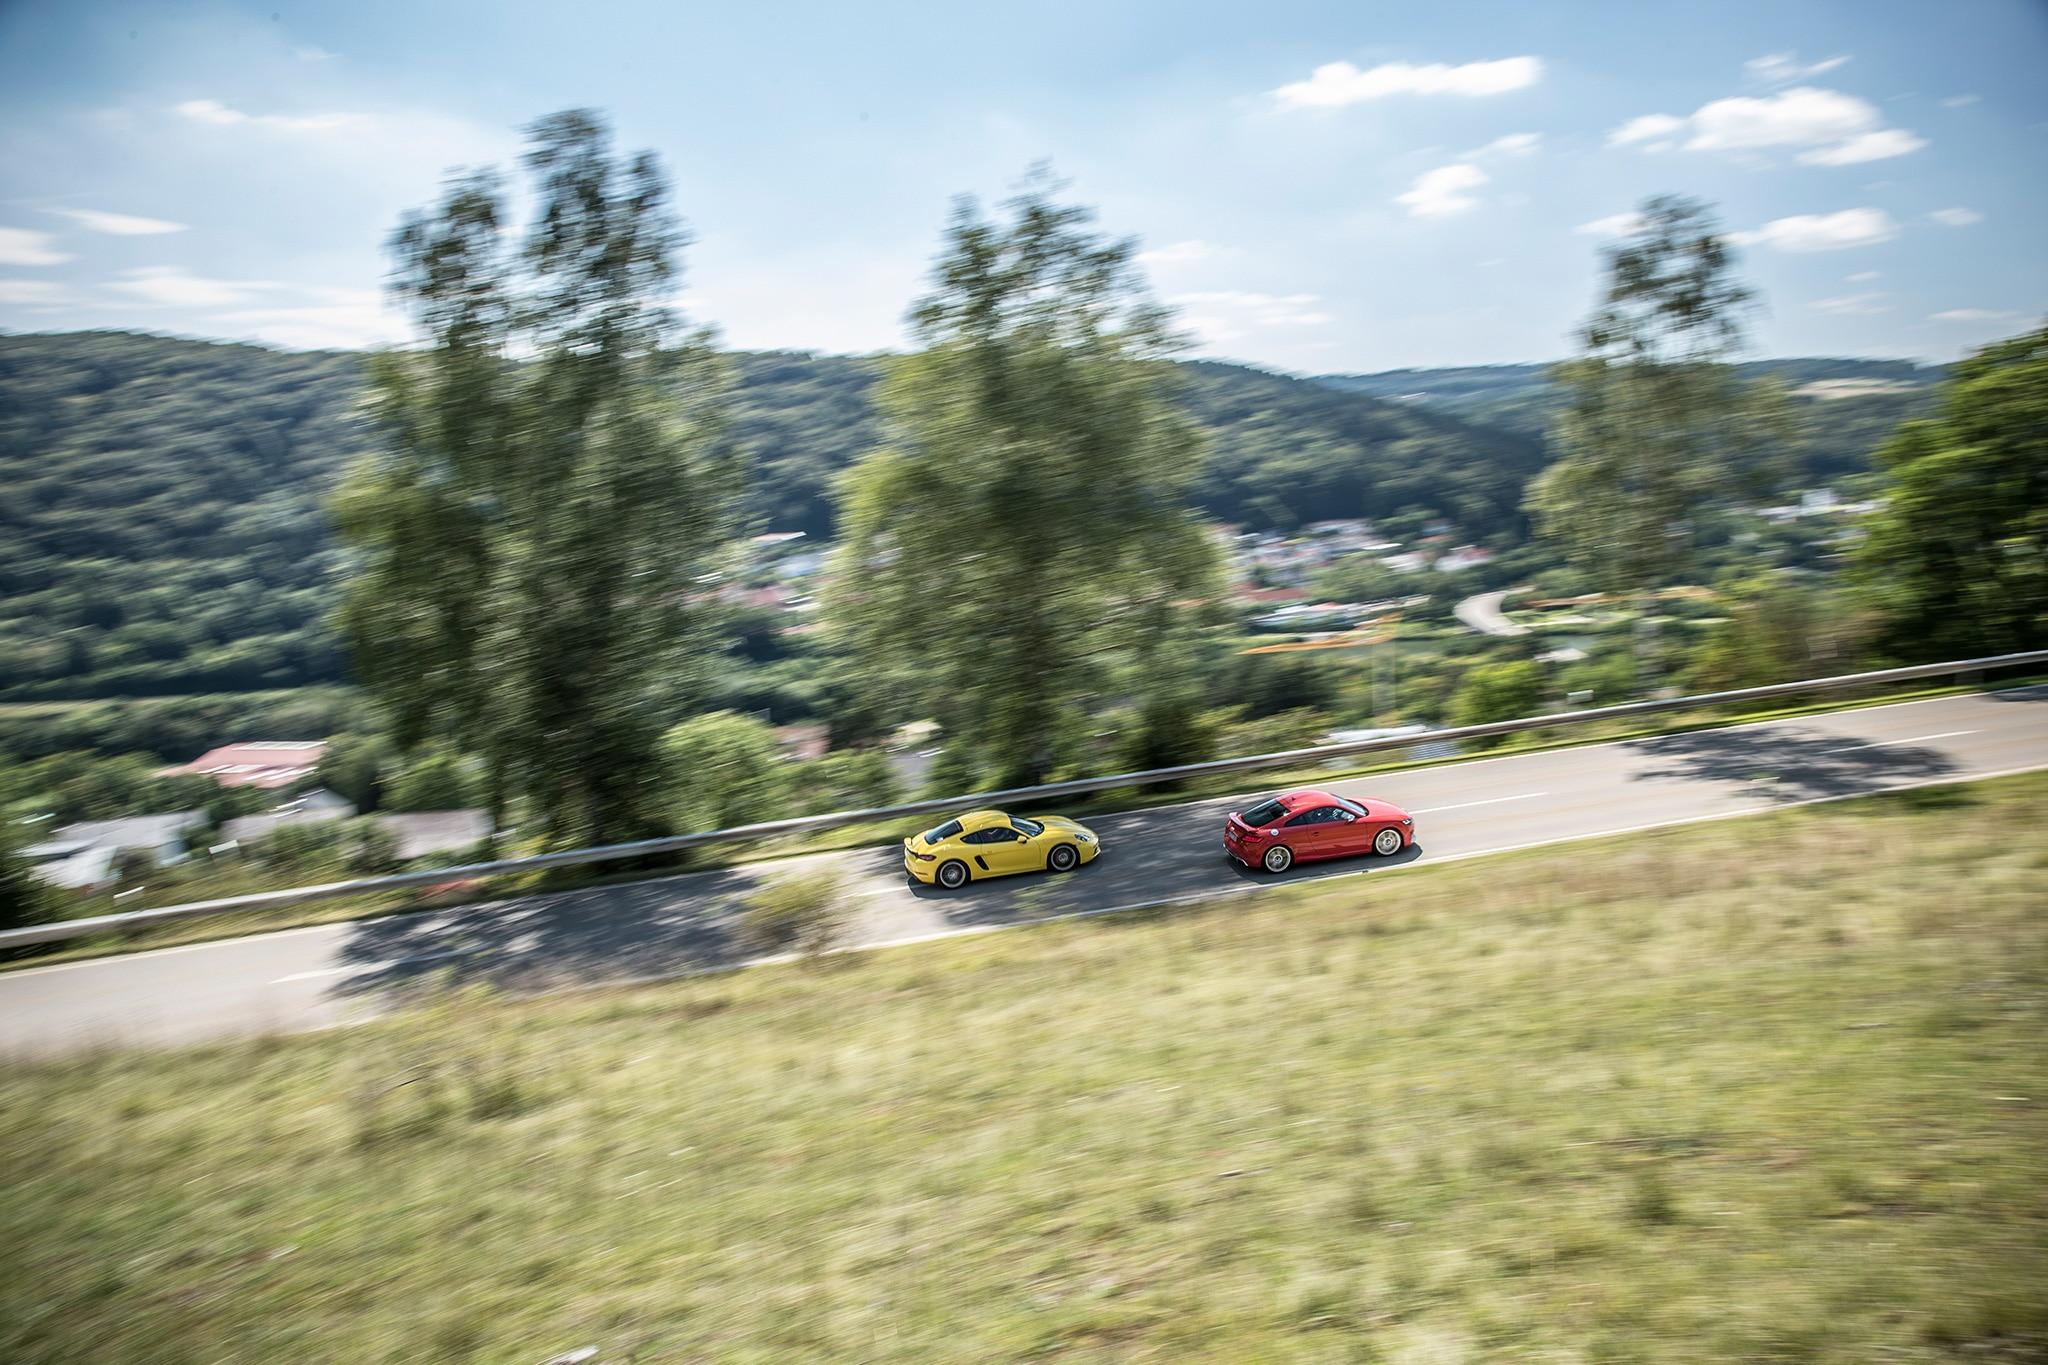 2018 Audi TT RS Vs 2017 Porsche Cayman S 12